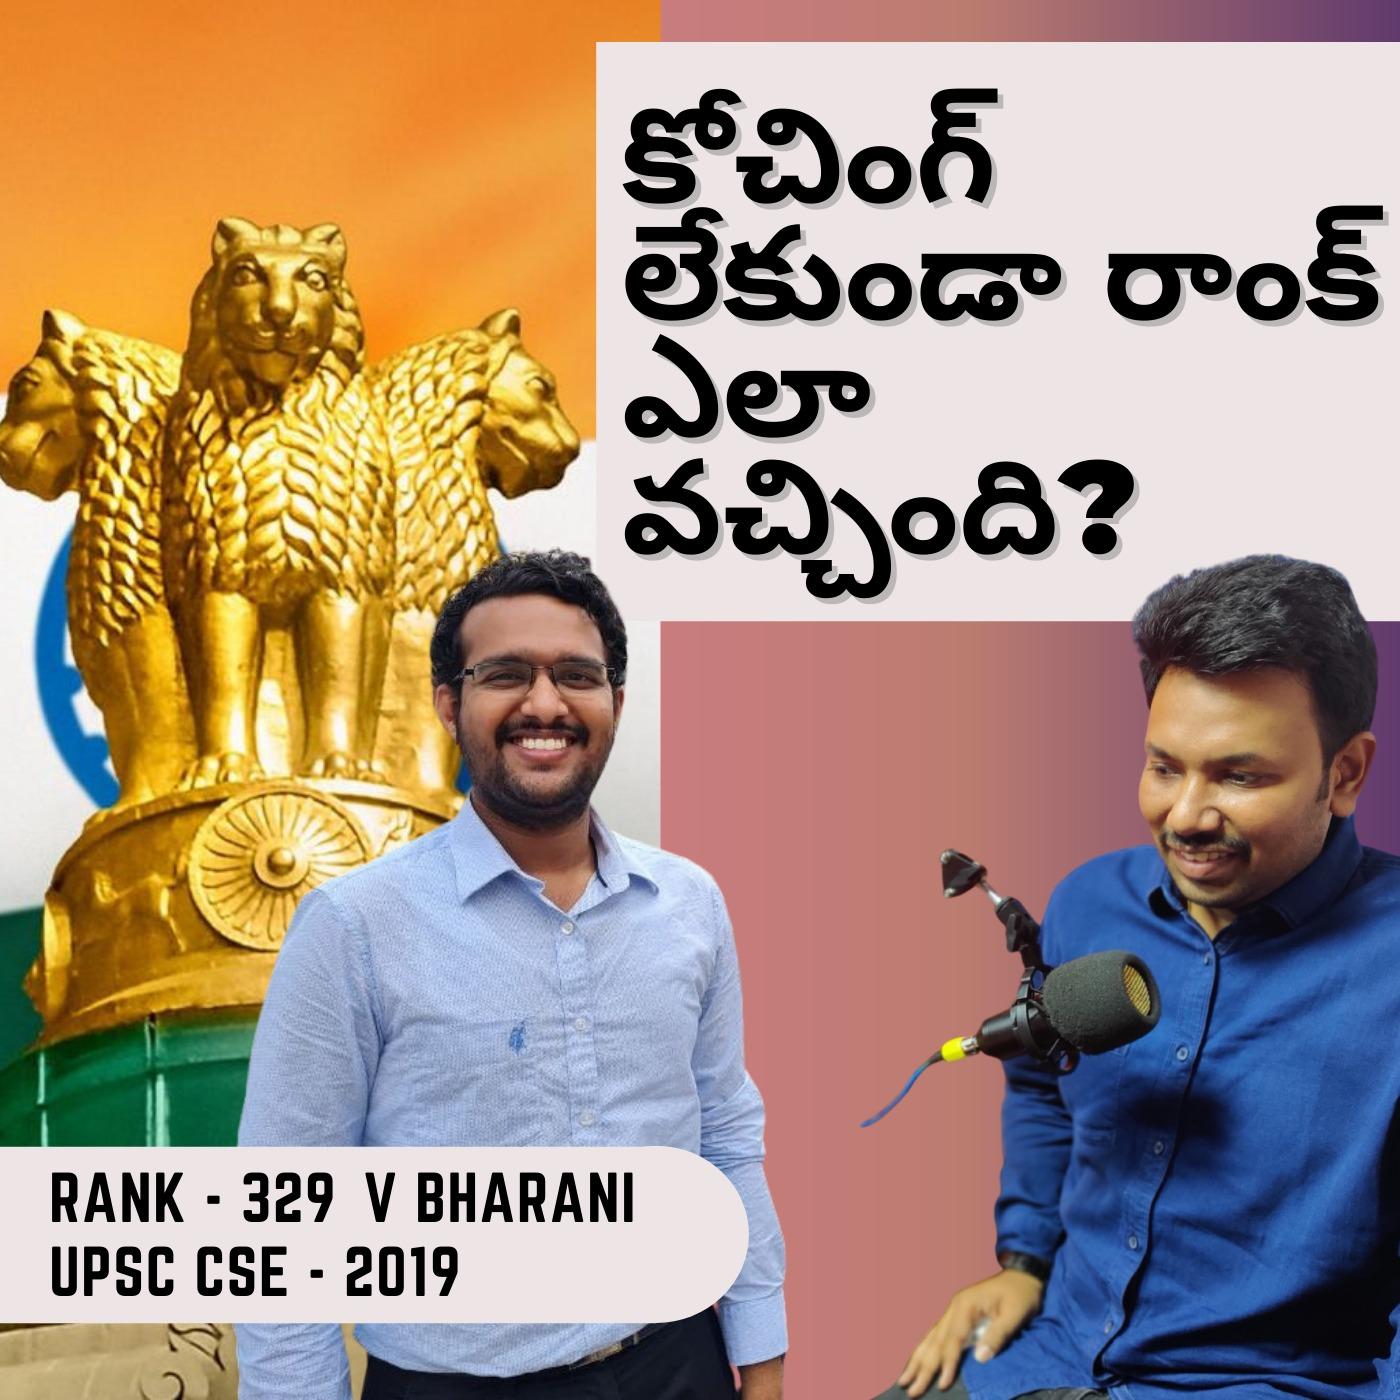 How to crack UPSC without Coaching - UPSC CSE Ranker V Bharani (329) in Telugu